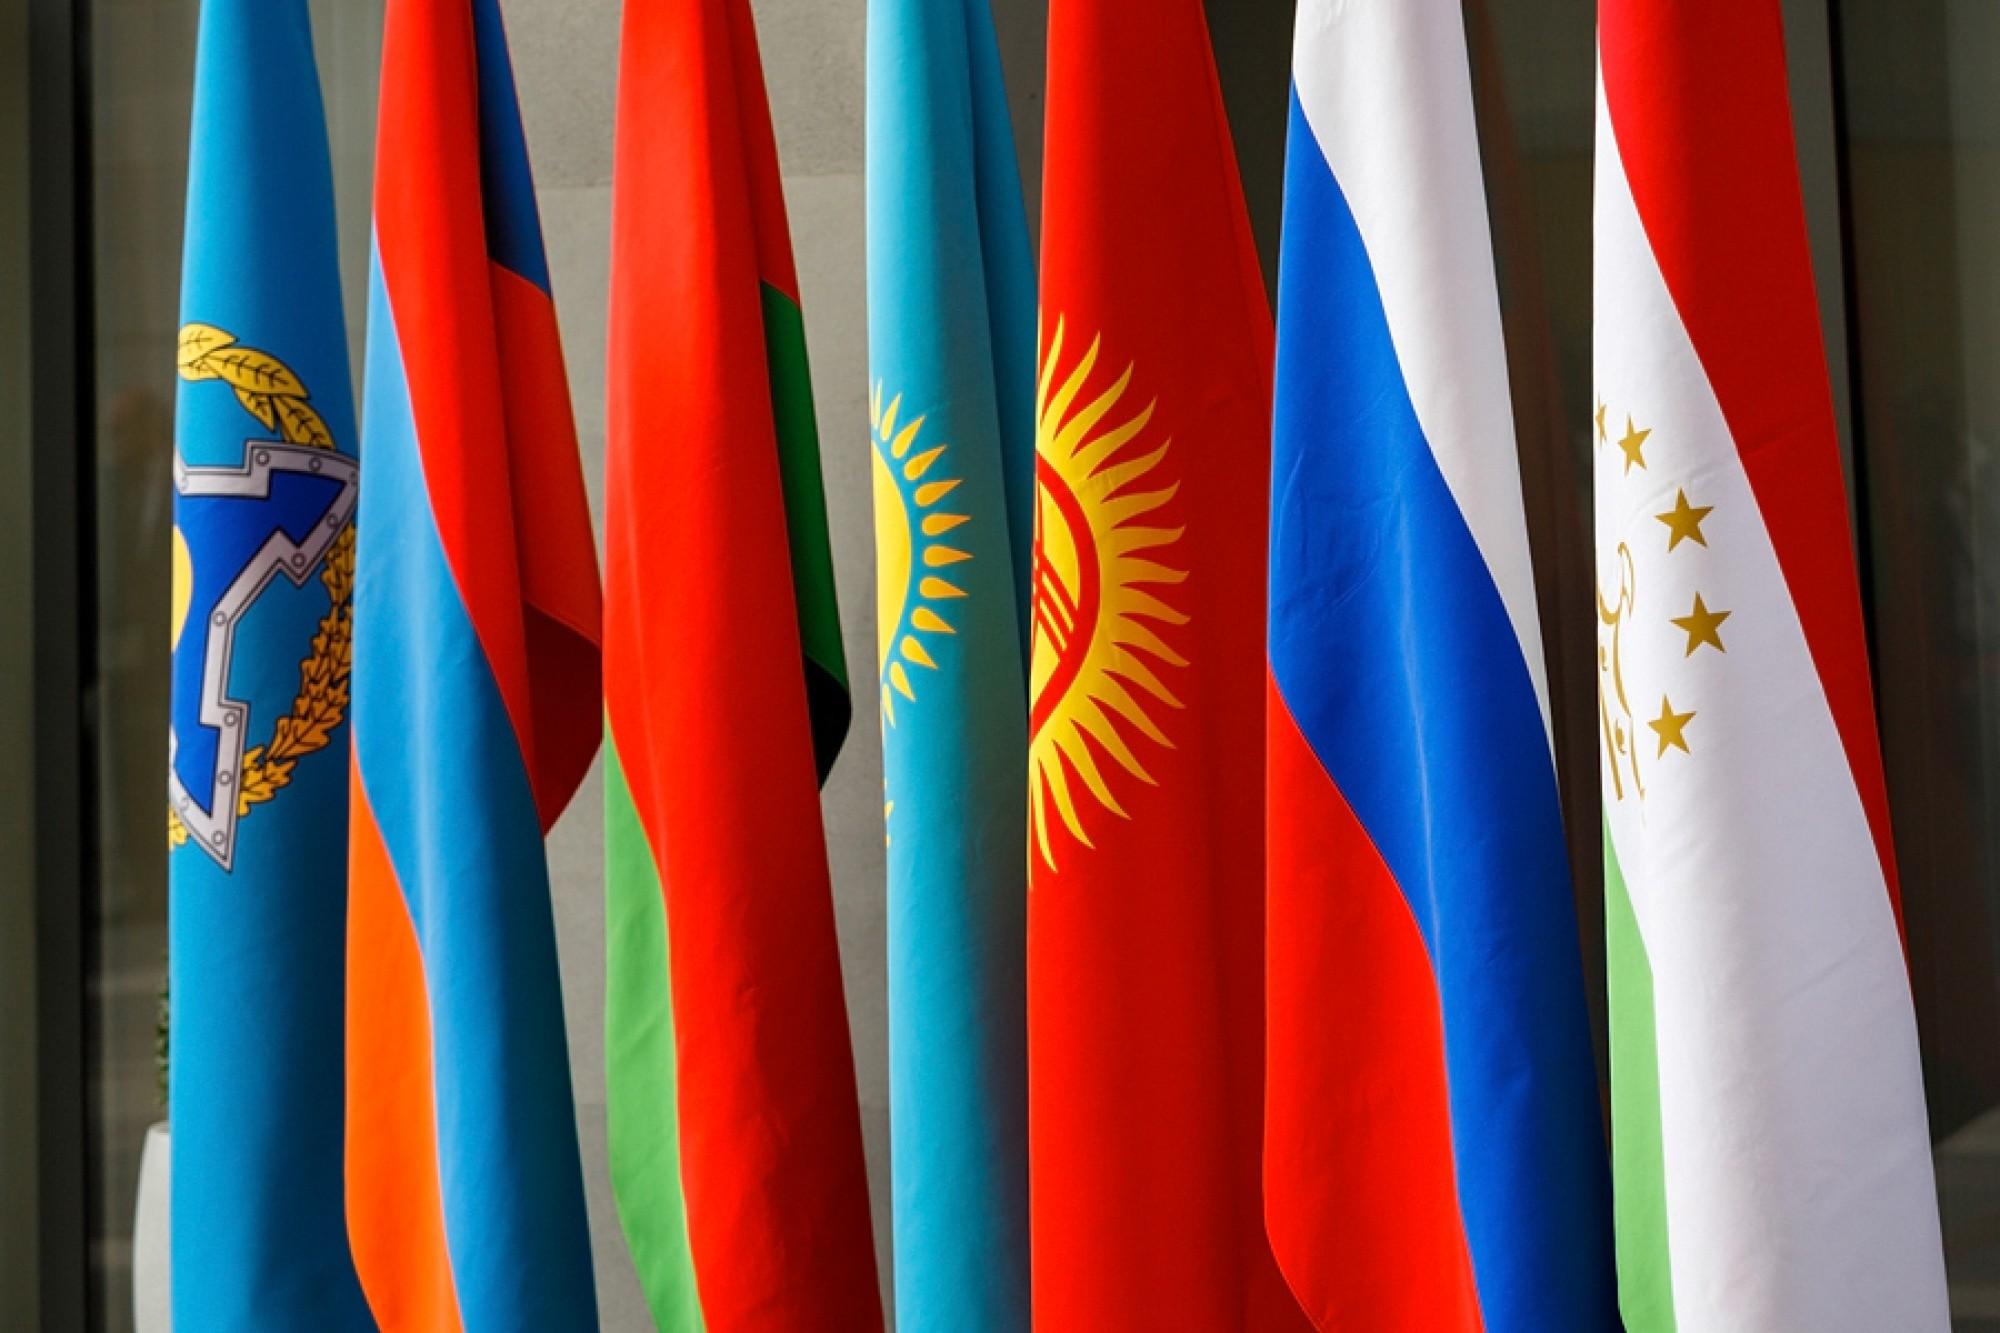 Кыргызстан призывает партнеров по ОДКБ расширять сотрудничество с другими организациями